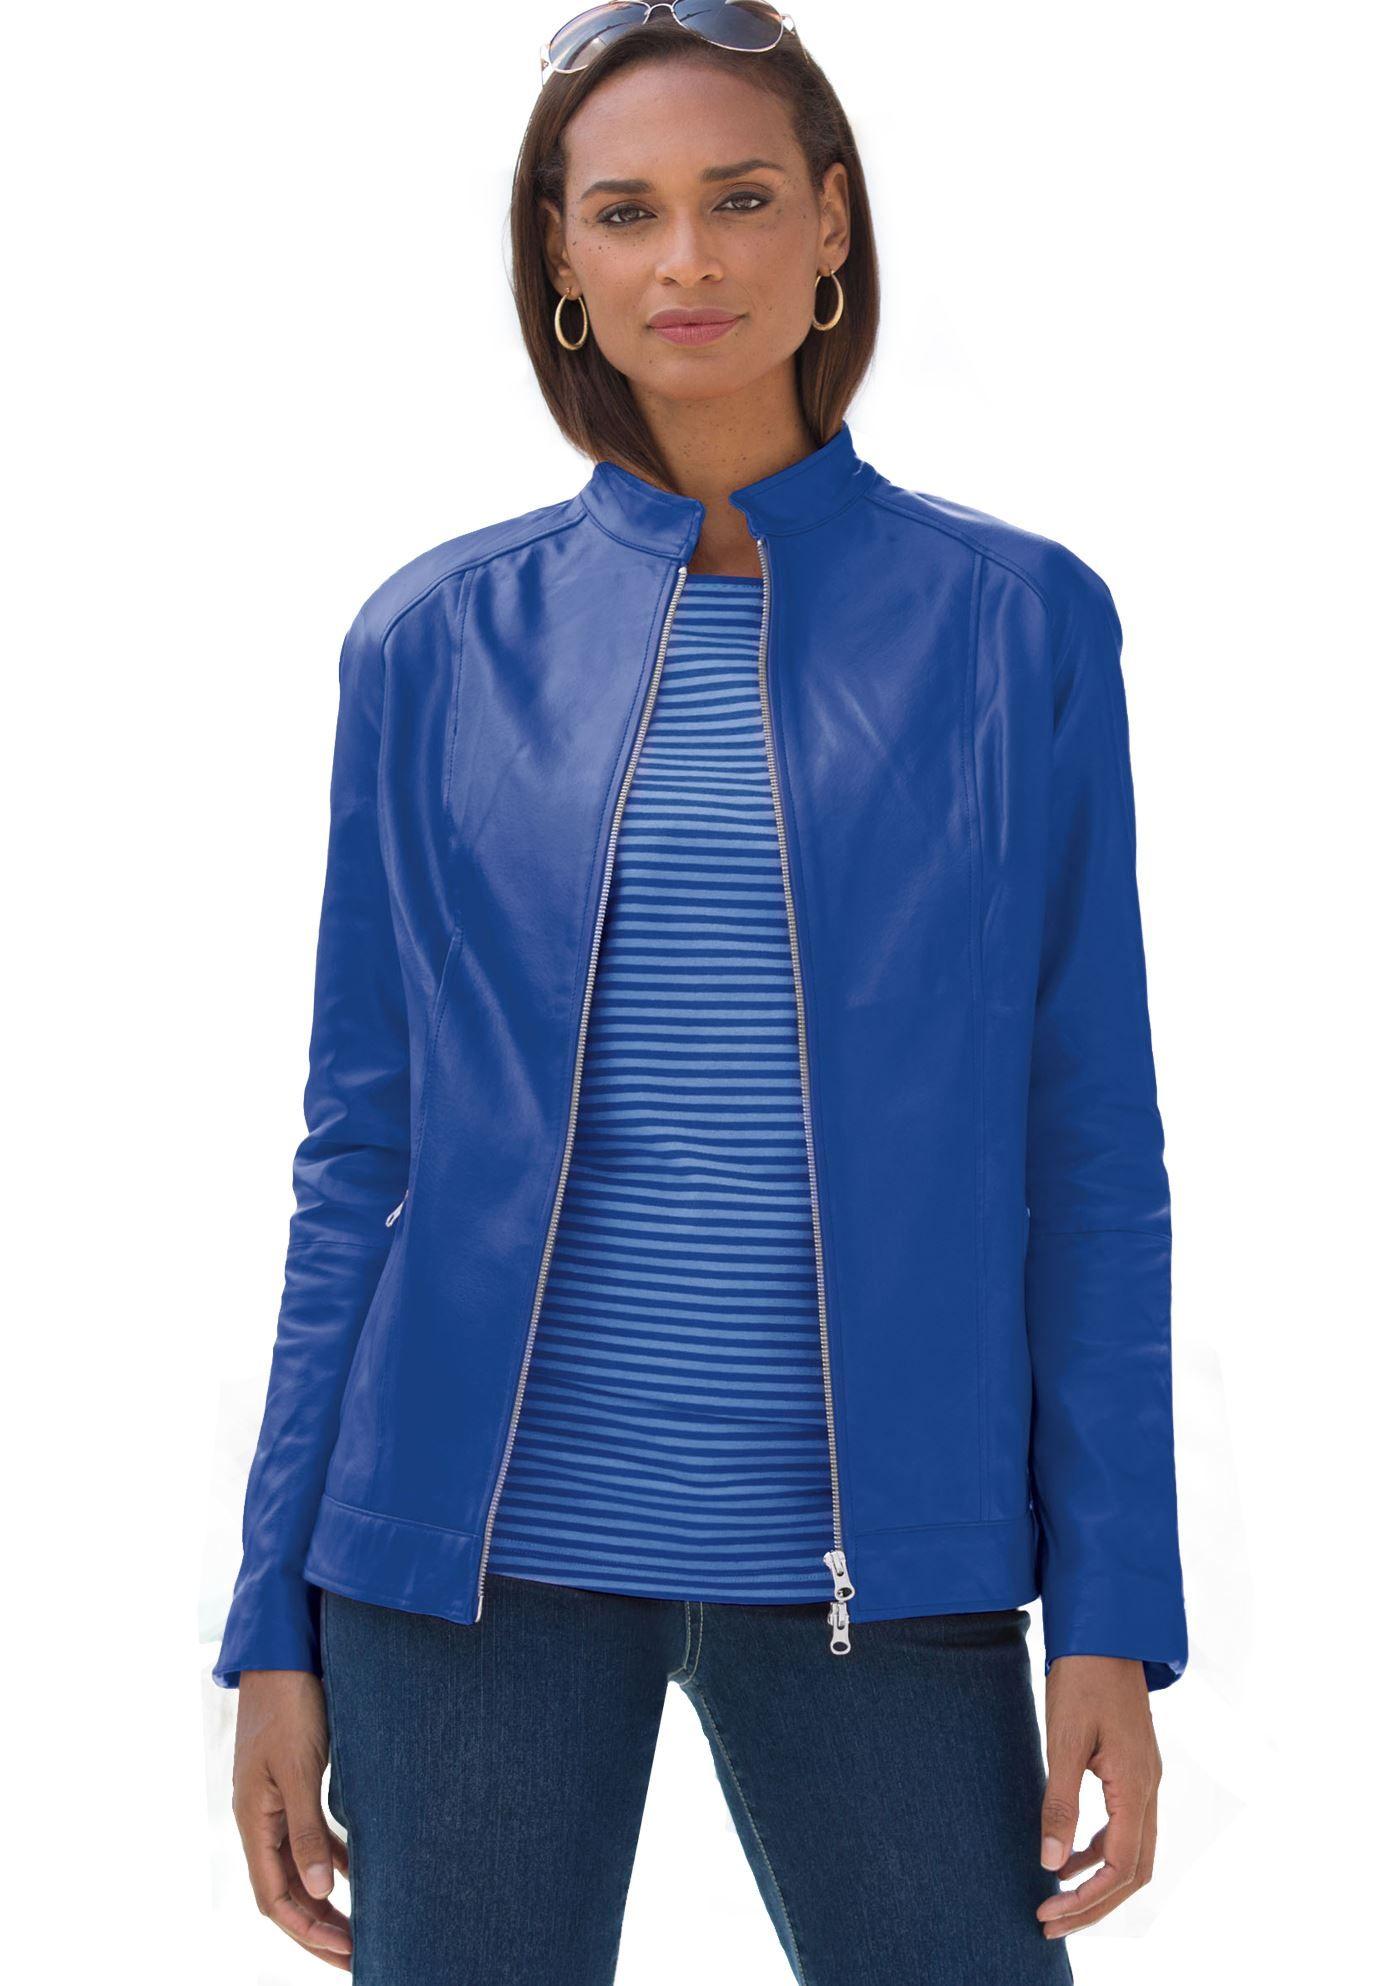 Plus Size Leather Jacket Plus size leather jacket, Big